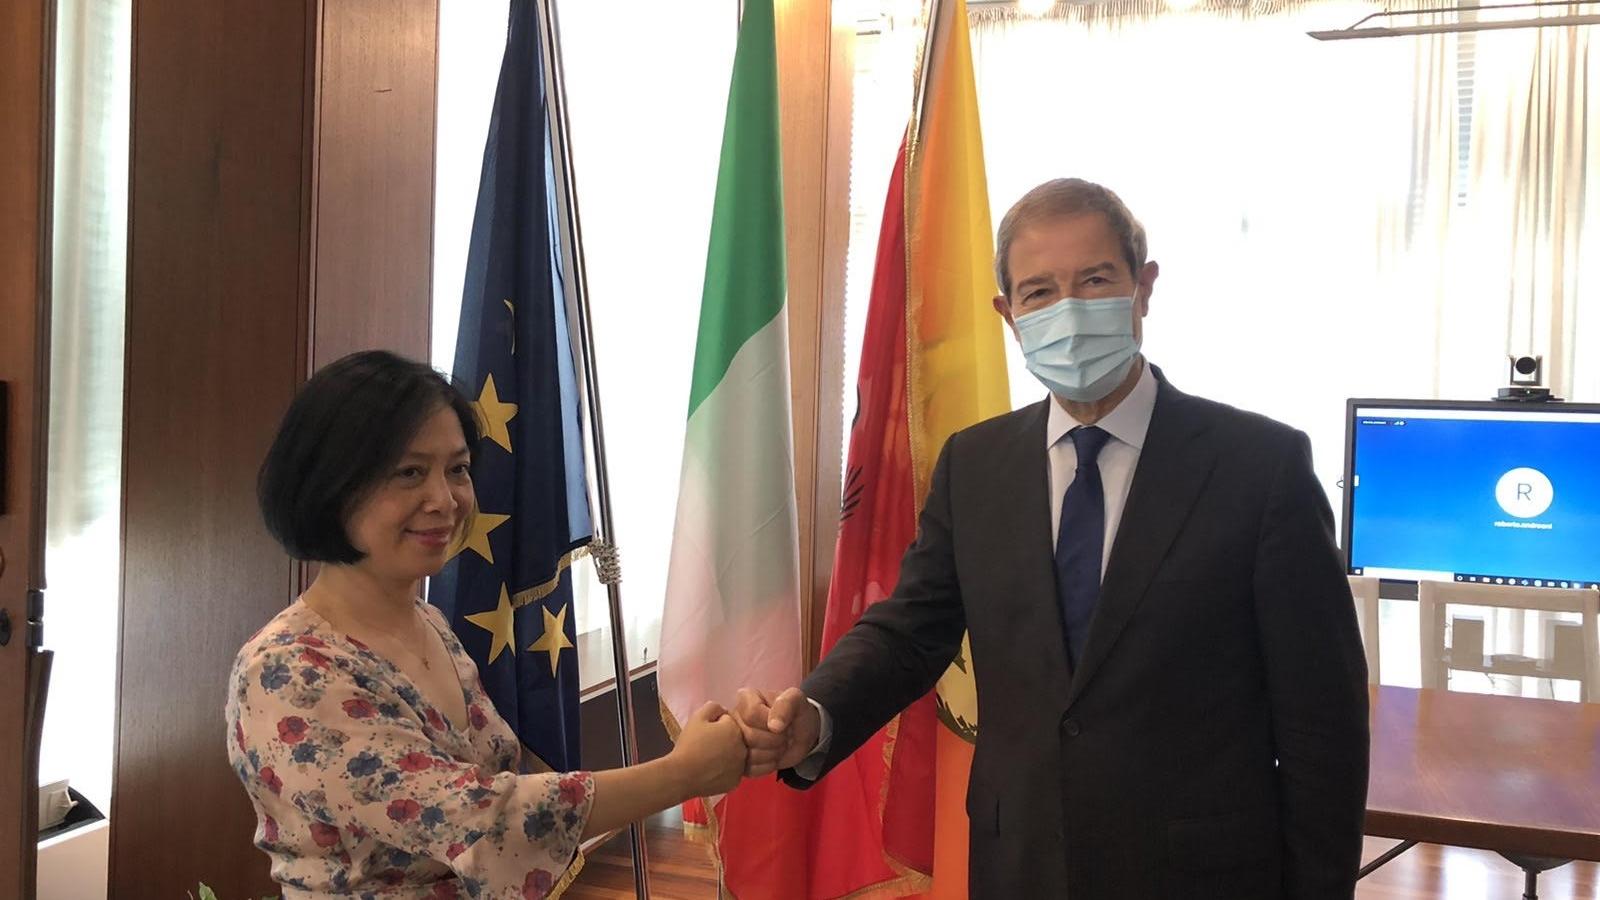 Đại sứ Việt Nam tại Italy thúc đẩy hợp tác trên nhiều lĩnh vực với vùng Sicilia